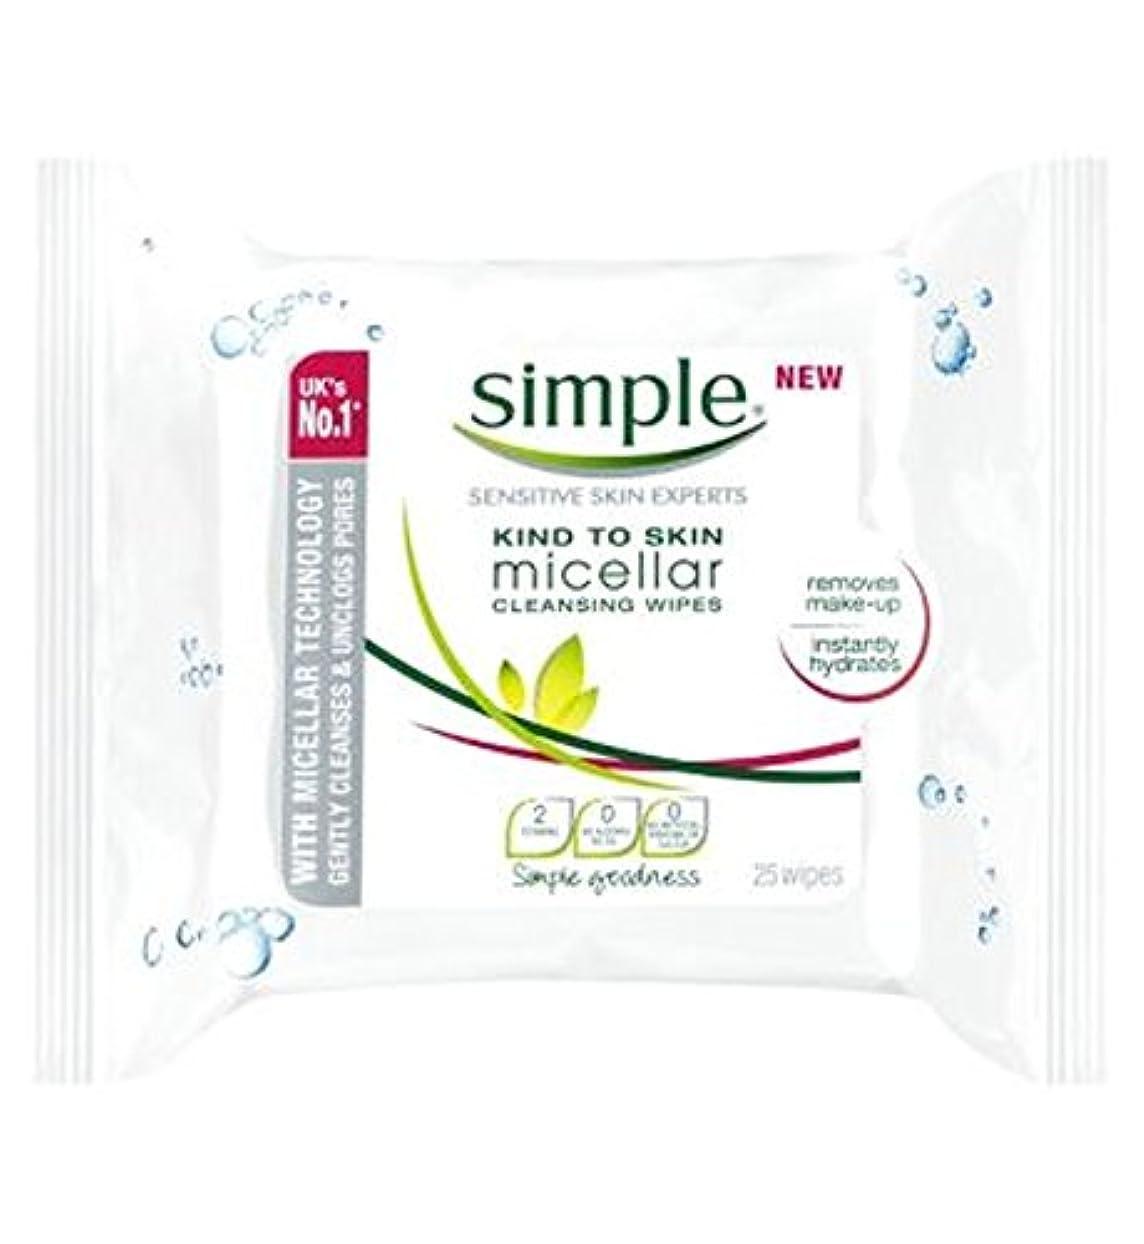 のりブラケットオールSimple Kind To Skin Micellar Cleansing Wipes - 25 wipes - 皮膚ミセルクレンジングへの単純な種類がワイプ - 25ワイプ (Simple) [並行輸入品]